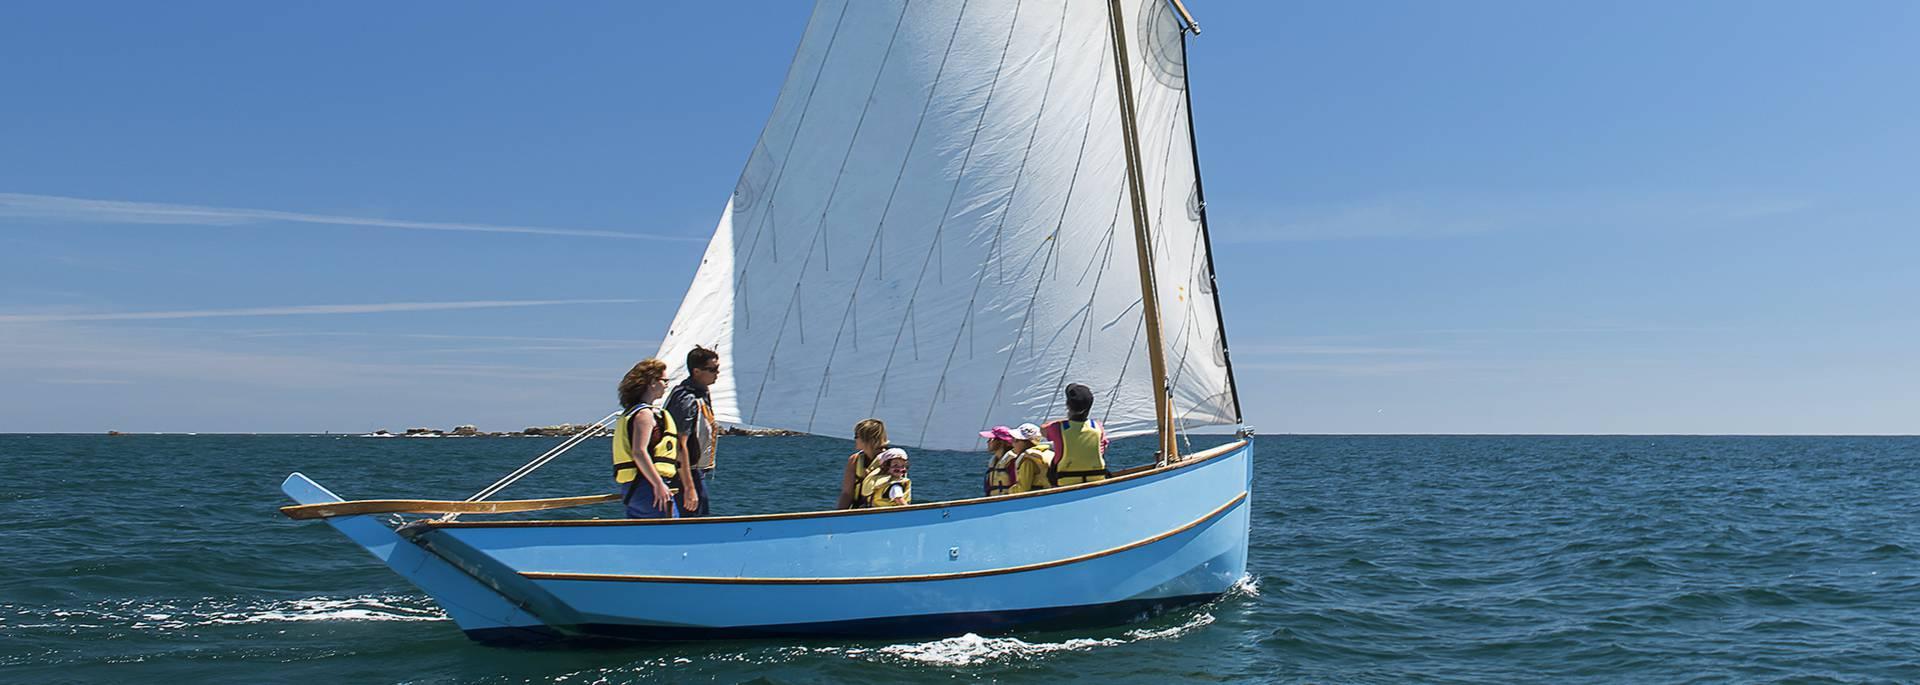 Hoisting the sails, Pays Bigouden © Jakez Le Gall